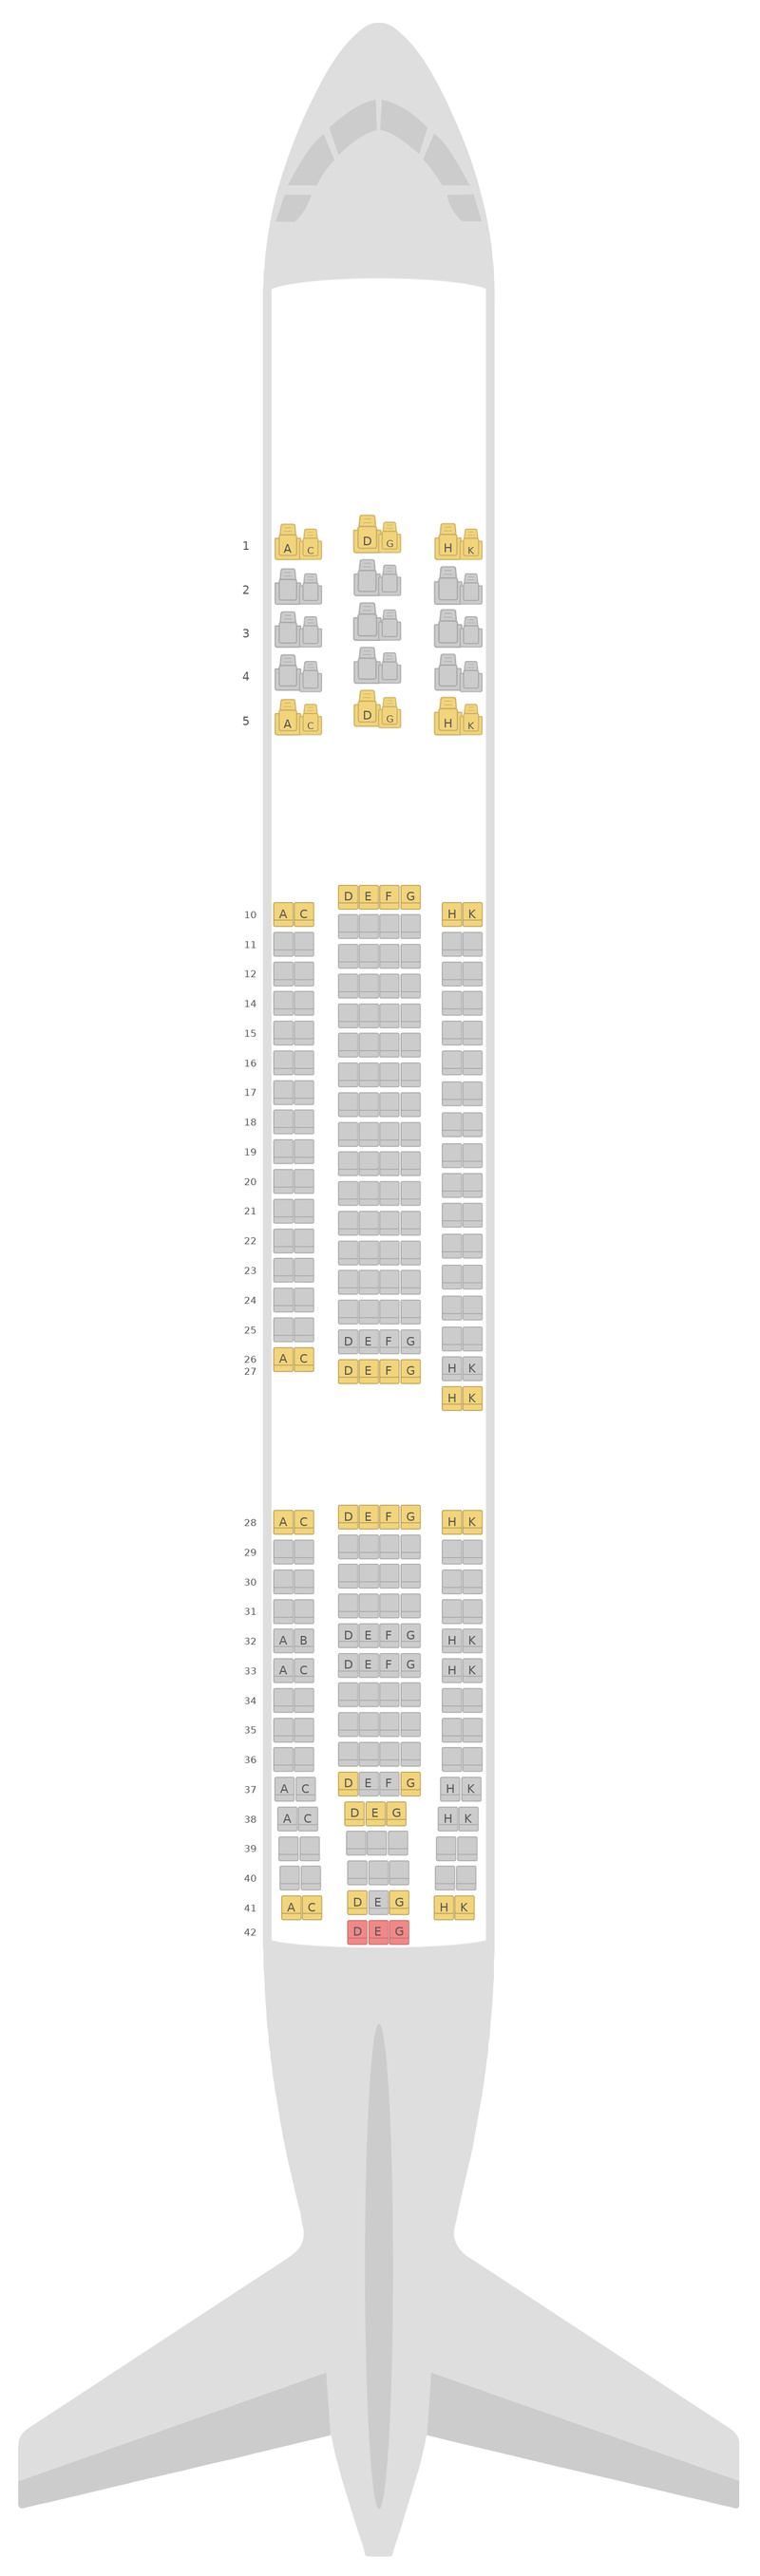 Mapa de asientos Airbus A330-300 (333) v1 Asiana Airlines